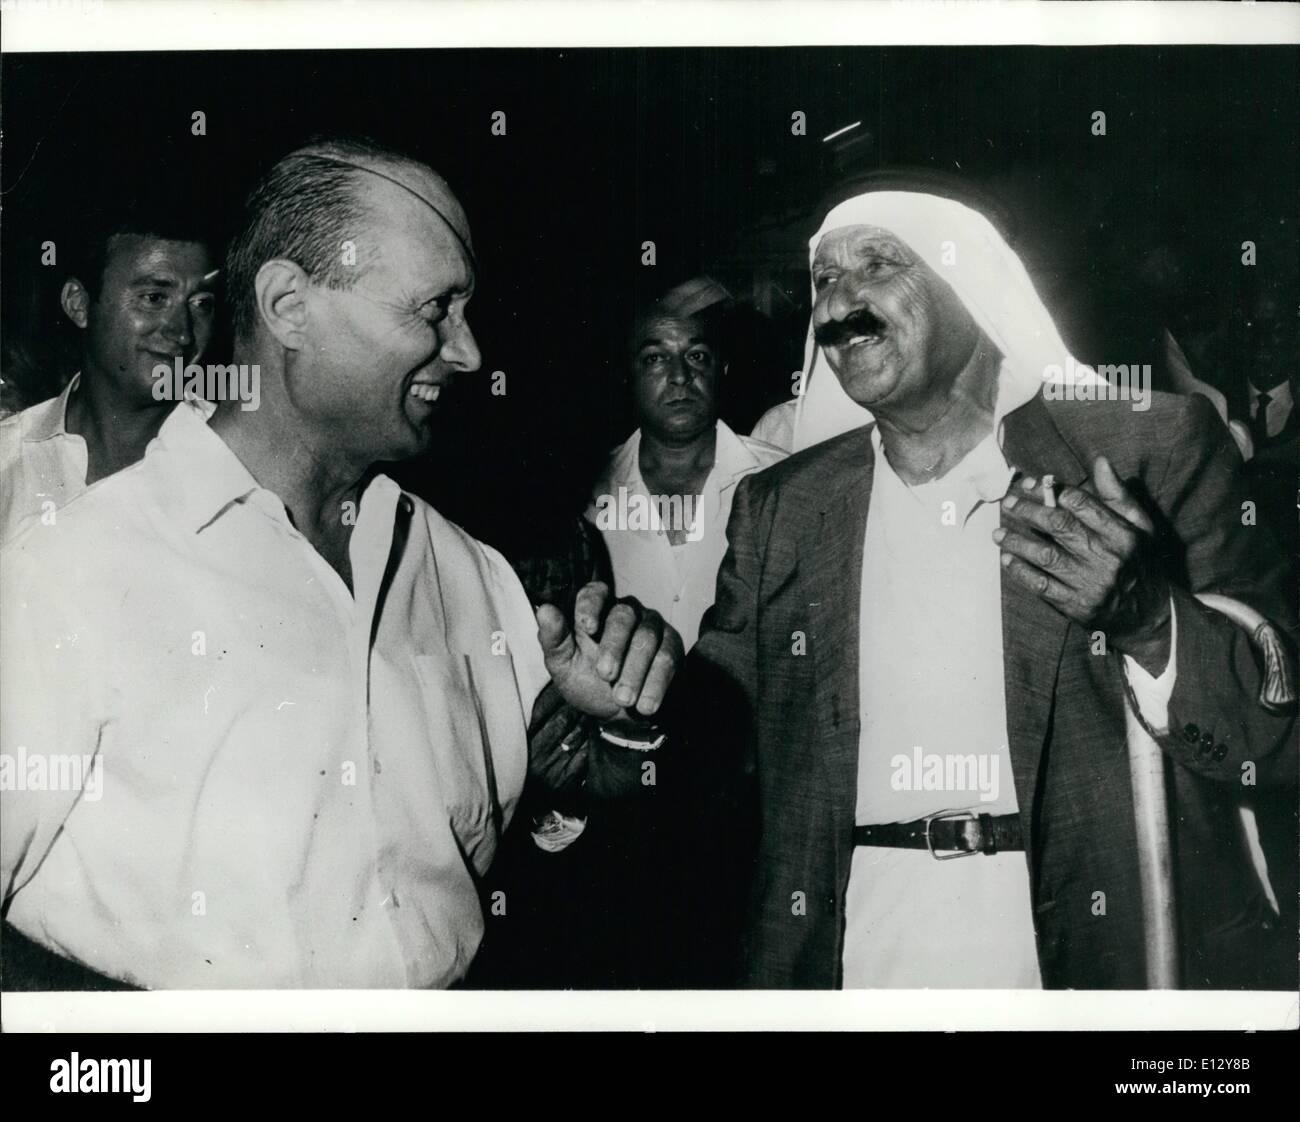 Febbraio 25, 2012 - Operazione pace: meglio delle parole è questo cordiale incontro tra il generale Moshe Dayan e Gisbel Ahmed, Mussulman sindaco e il capo della polizia locale di un villaggio vicino a Nazareth. Immagini Stock